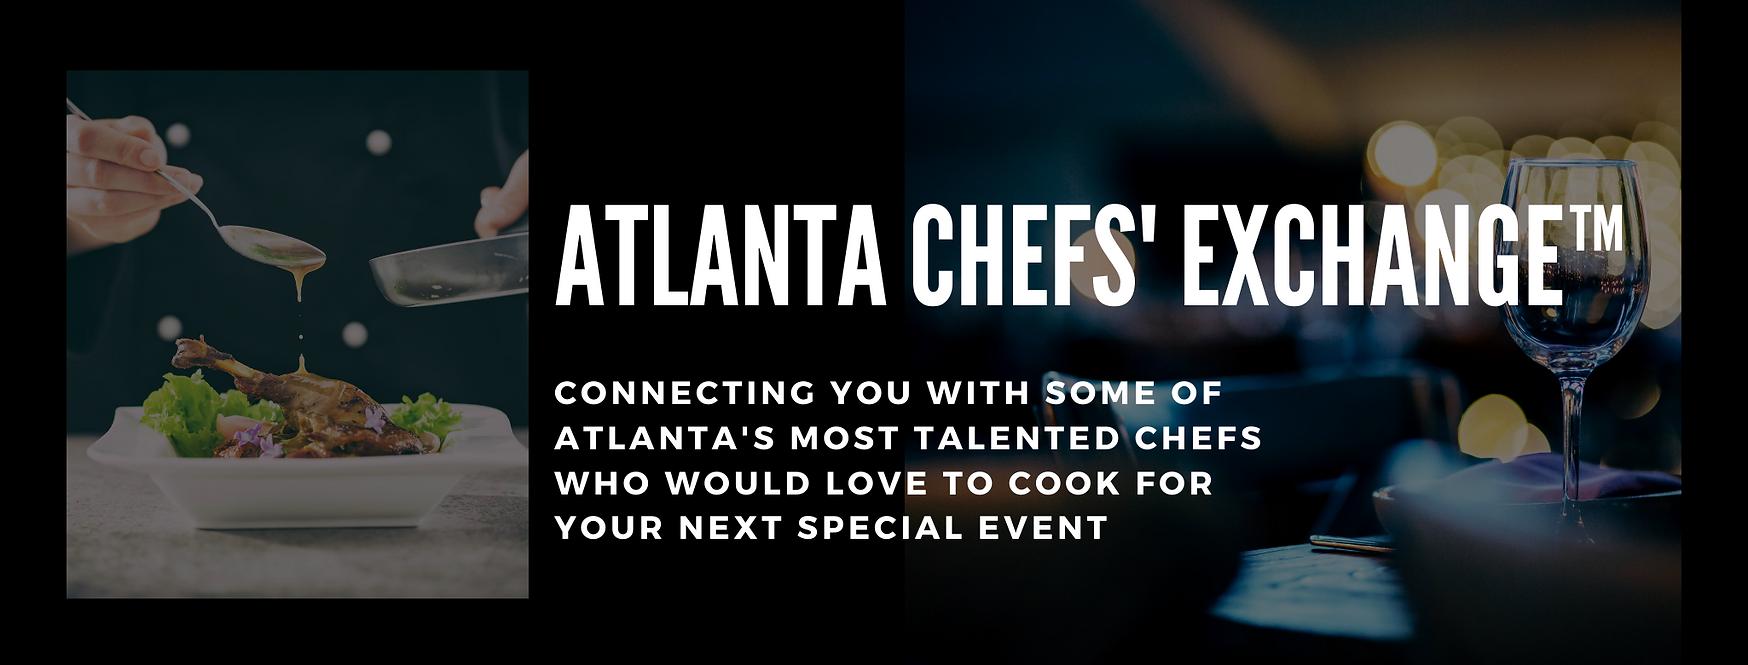 Atlanta Chefs' Exchange (2).png